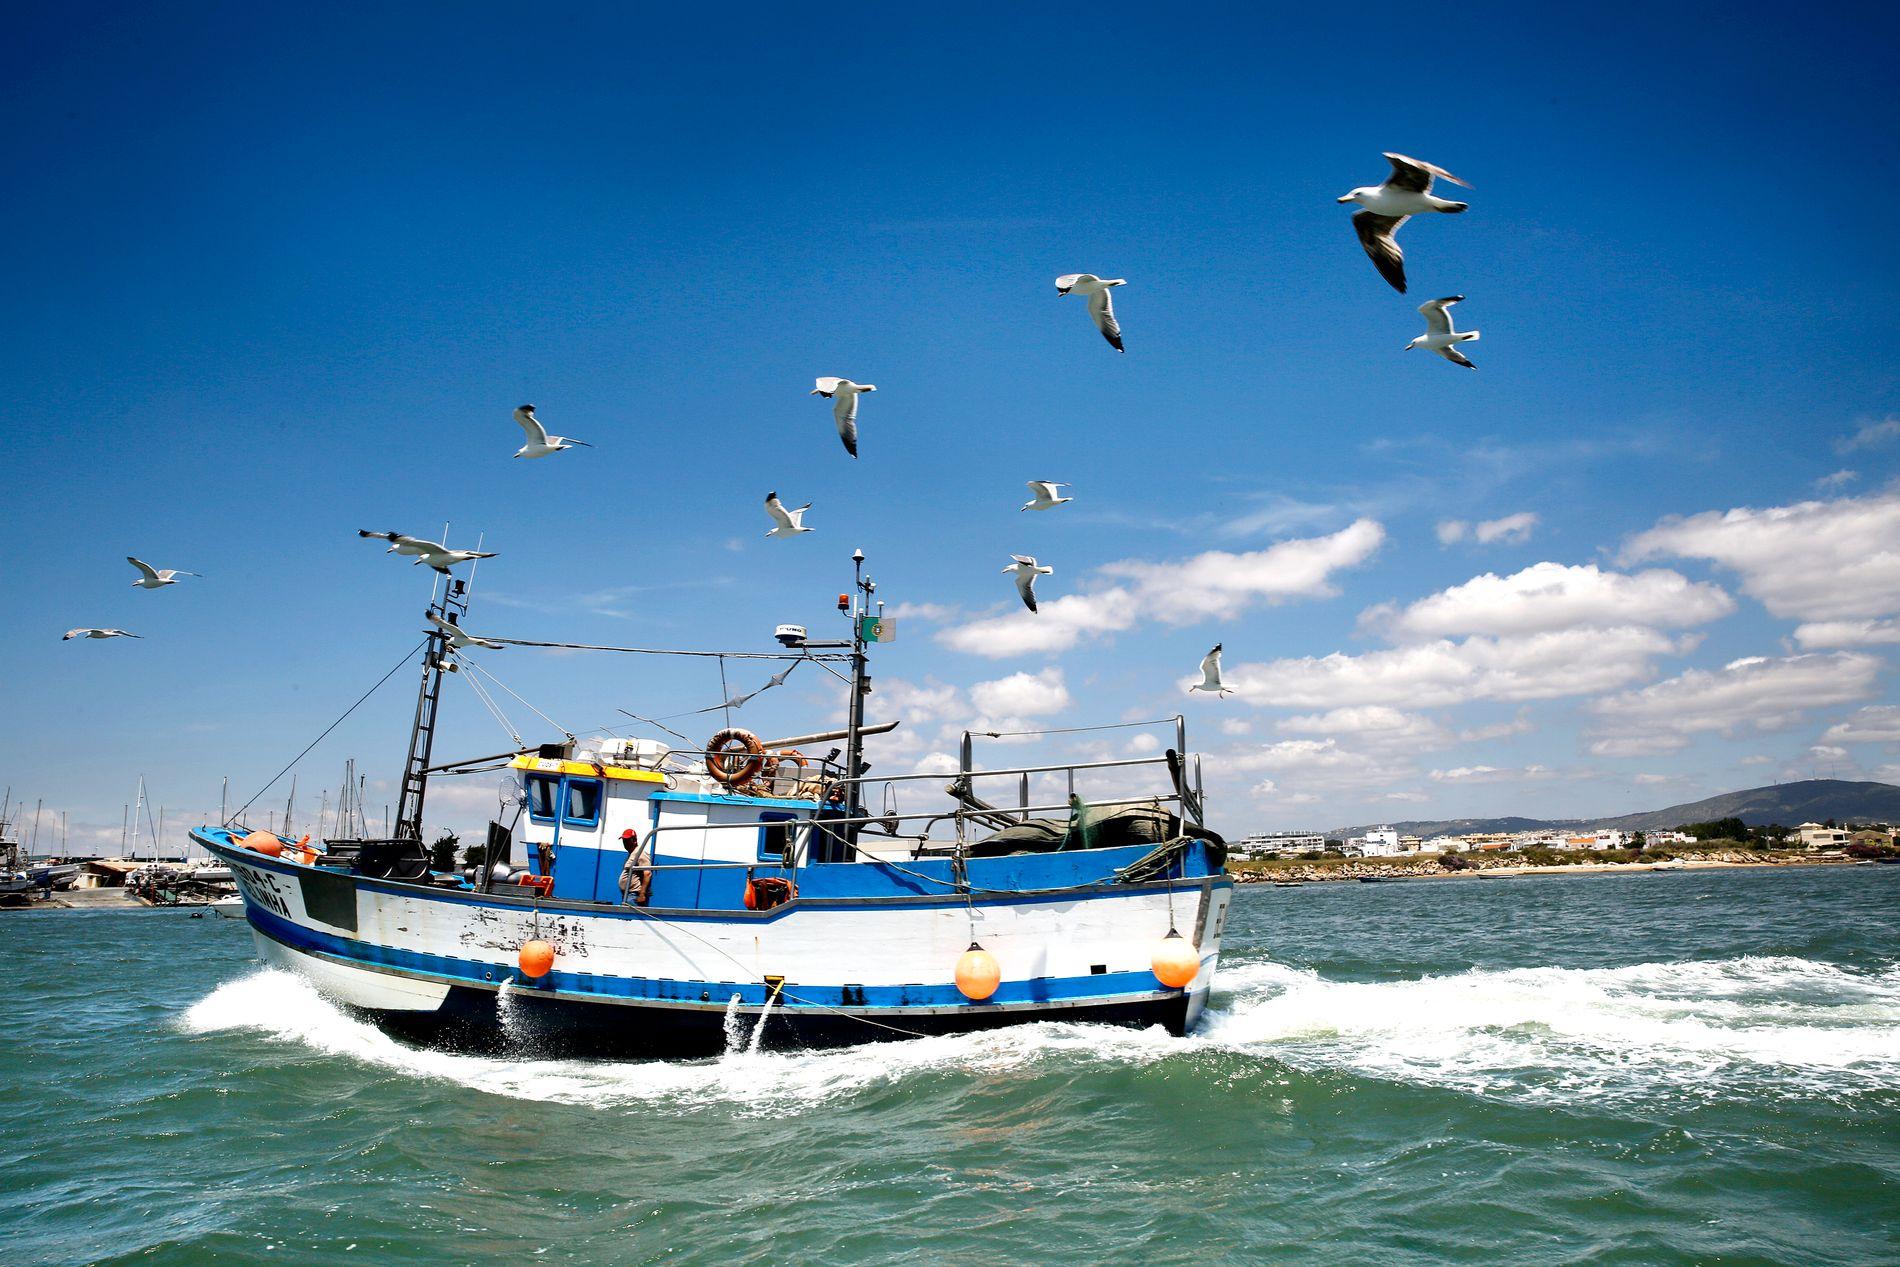 TA EN BÅTTUR: Det går massevis av sightseeingbåter ut fra Olhão. Ta inn fugl- og dyrelivet i naturparken og nyt livet på en av de mange øyene.